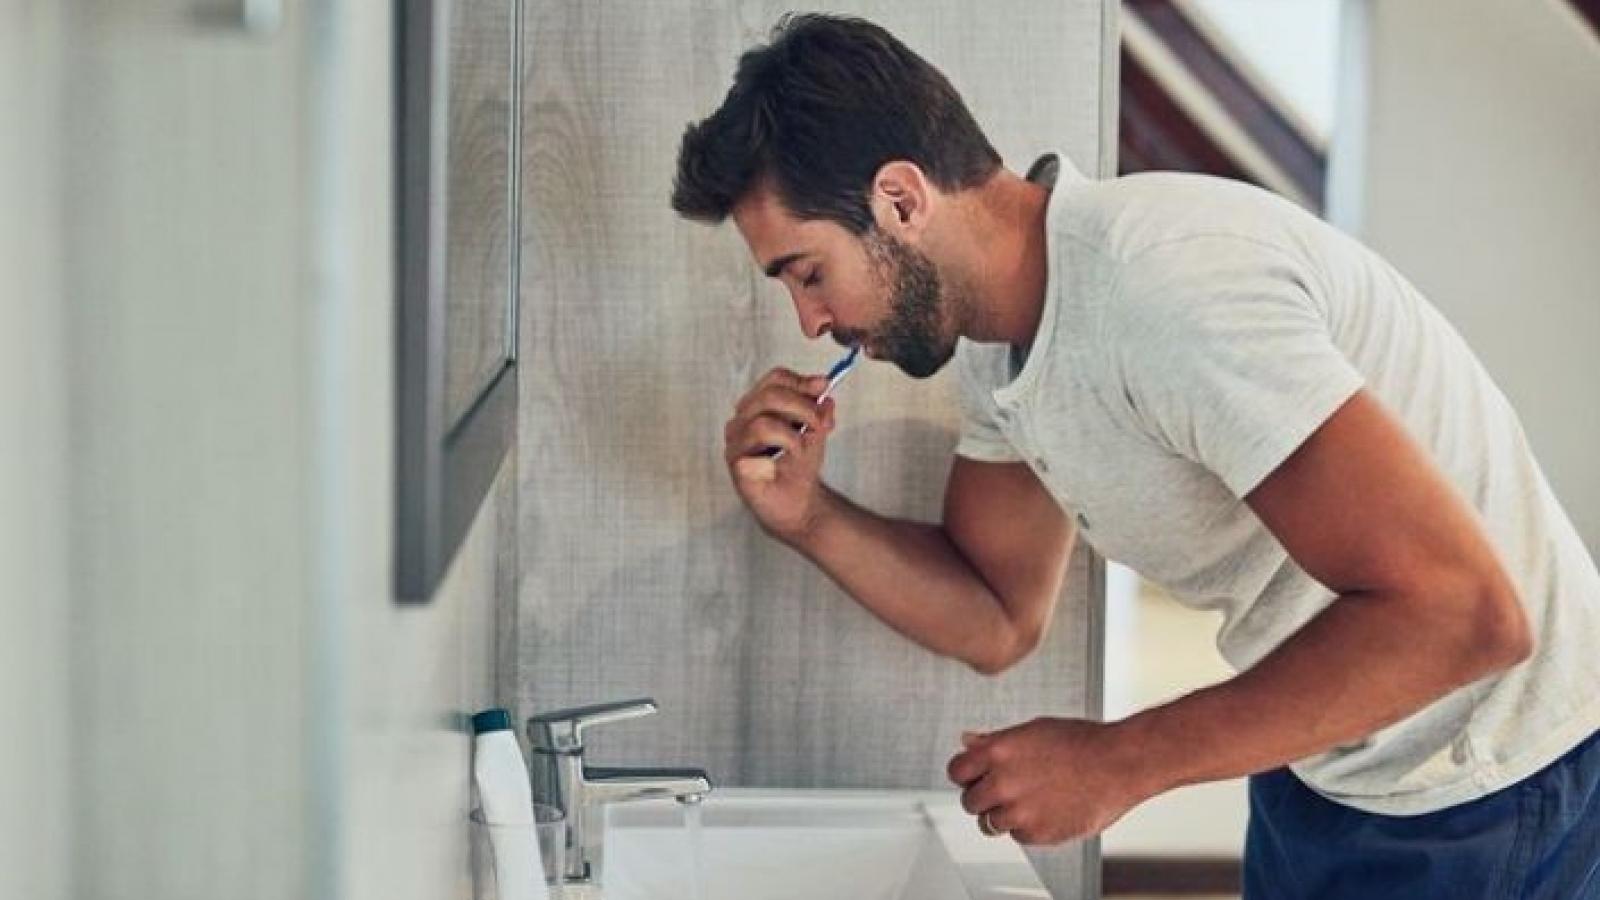 Tại sao nên đánh răng trước khi uống cà phê buổi sáng?